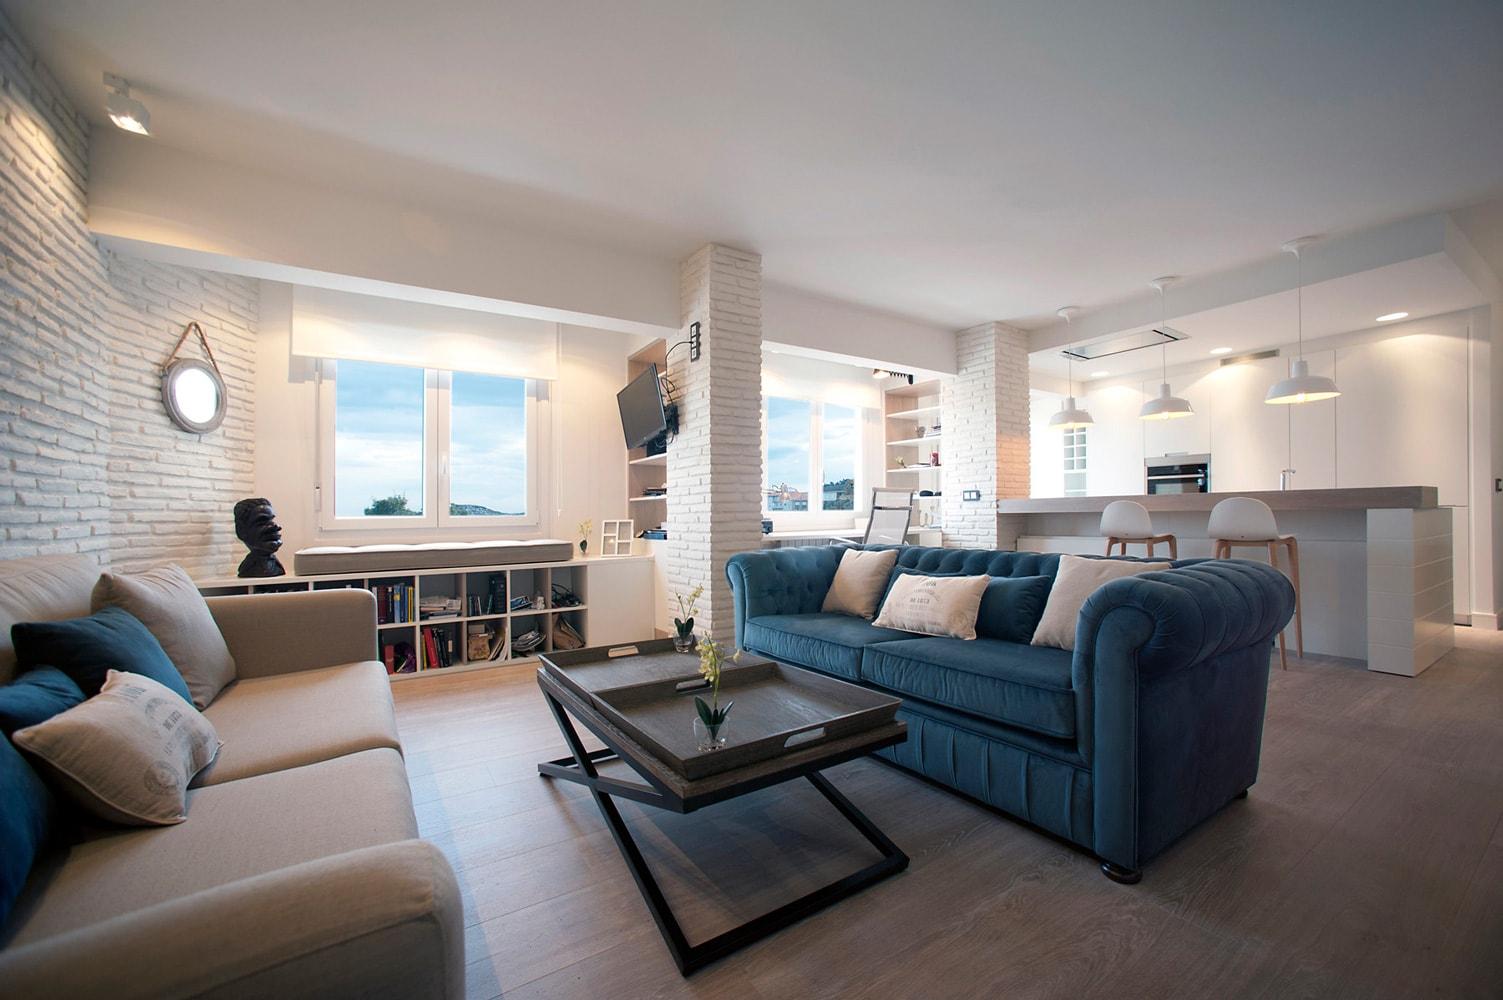 Apartamento lekeitio bizkaia sube interiorismo for Interiorismo salones